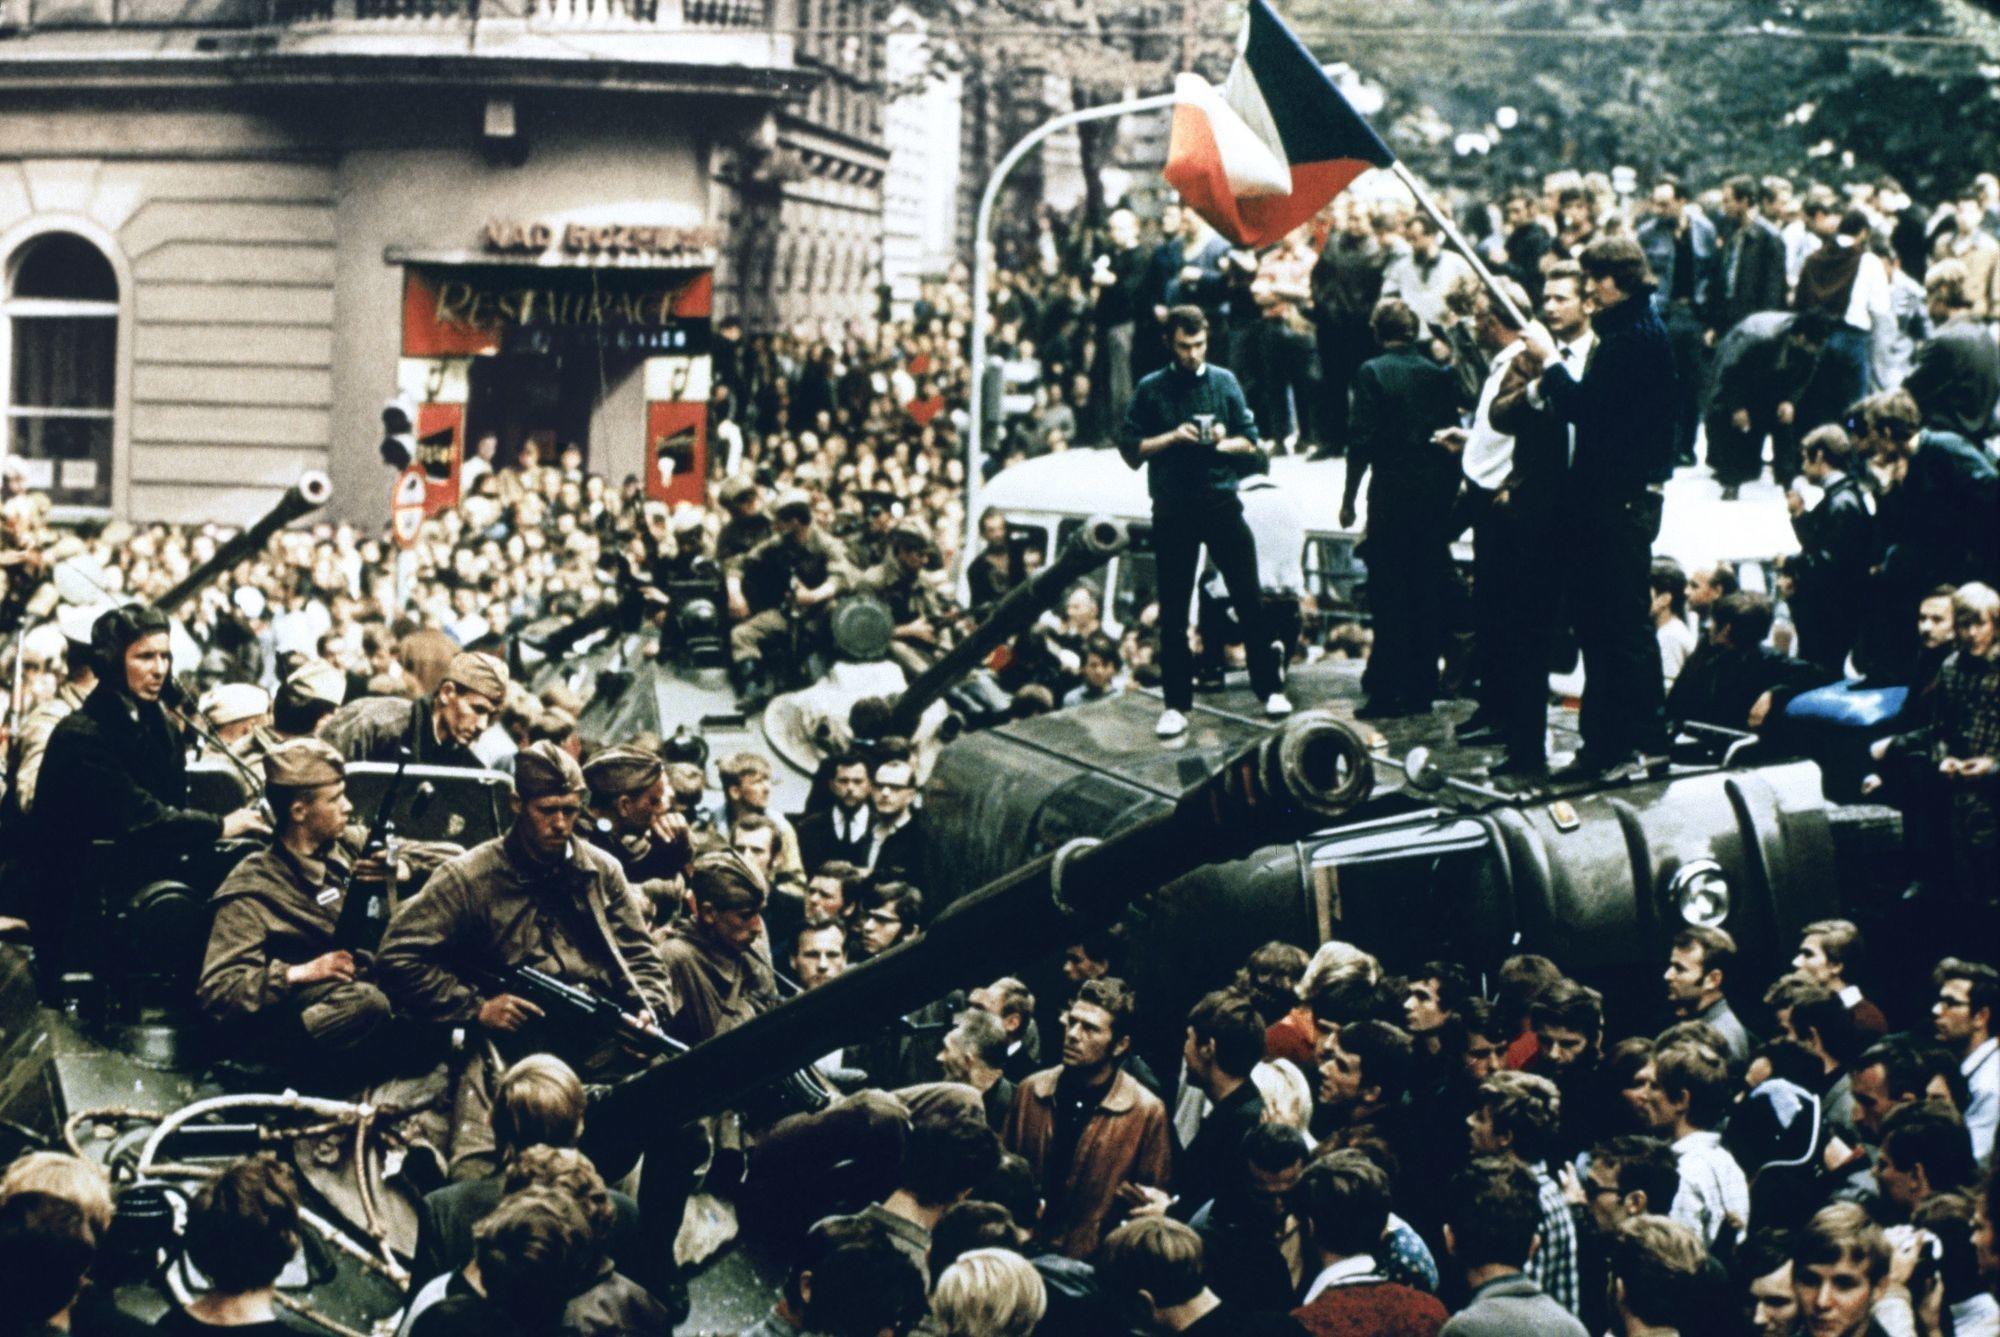 Troupes du pacte de Varsovie dans les rues de Prague, 21 août 1968, photographie